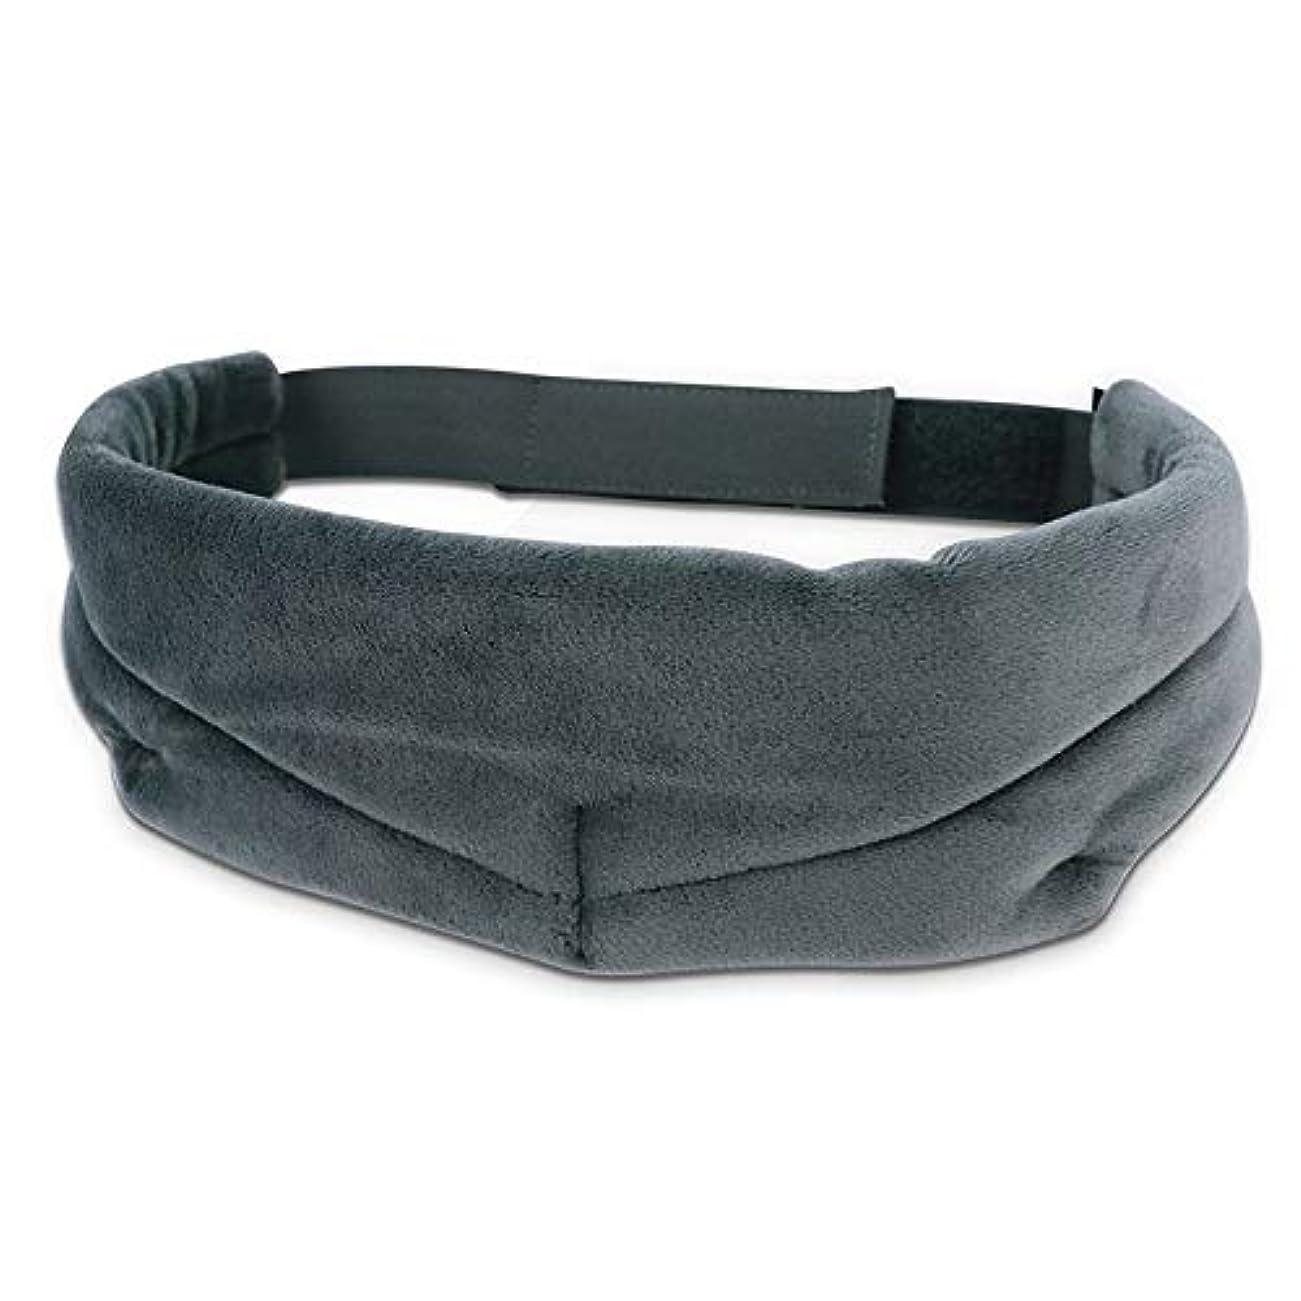 同性愛者繁栄より多いNOTE 目隠し用アイマスクの睡眠旅行用睡眠カバー睡眠用マスクベルベットの目柔らかい目のカバーヘッドバンド3色睡眠マスク